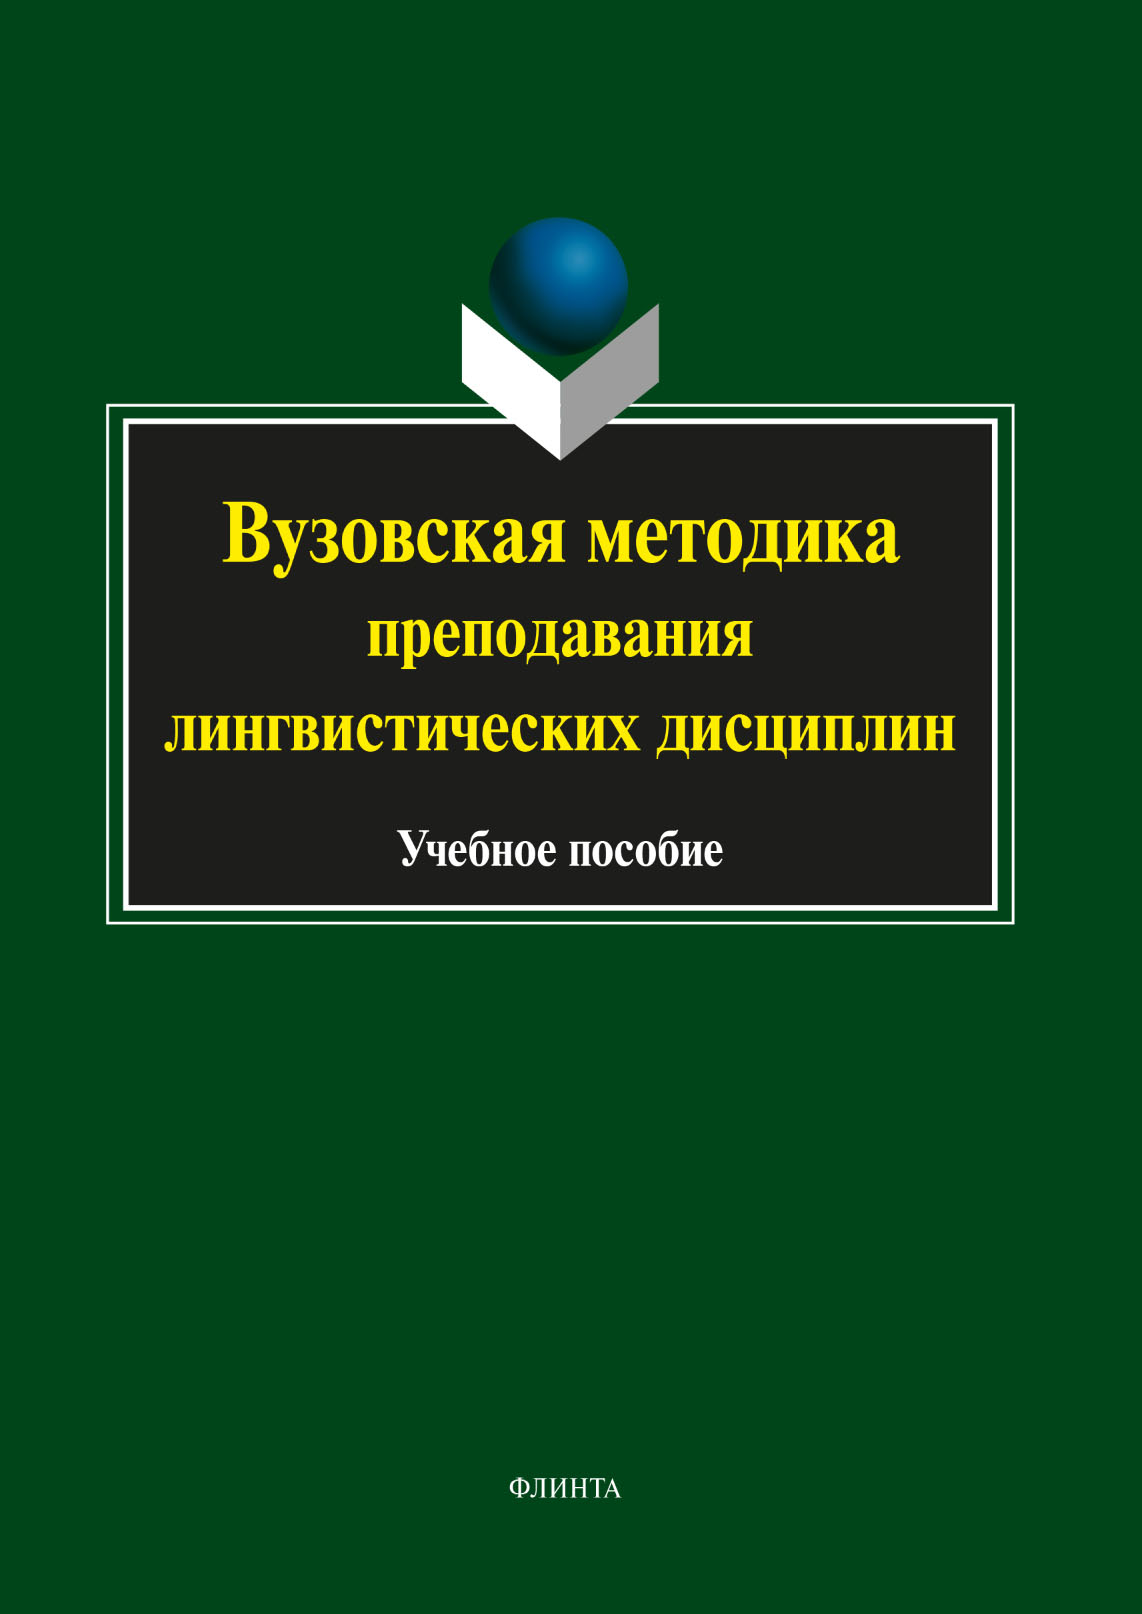 цены Коллектив авторов Вузовская методика преподавания лингвистических дисциплин